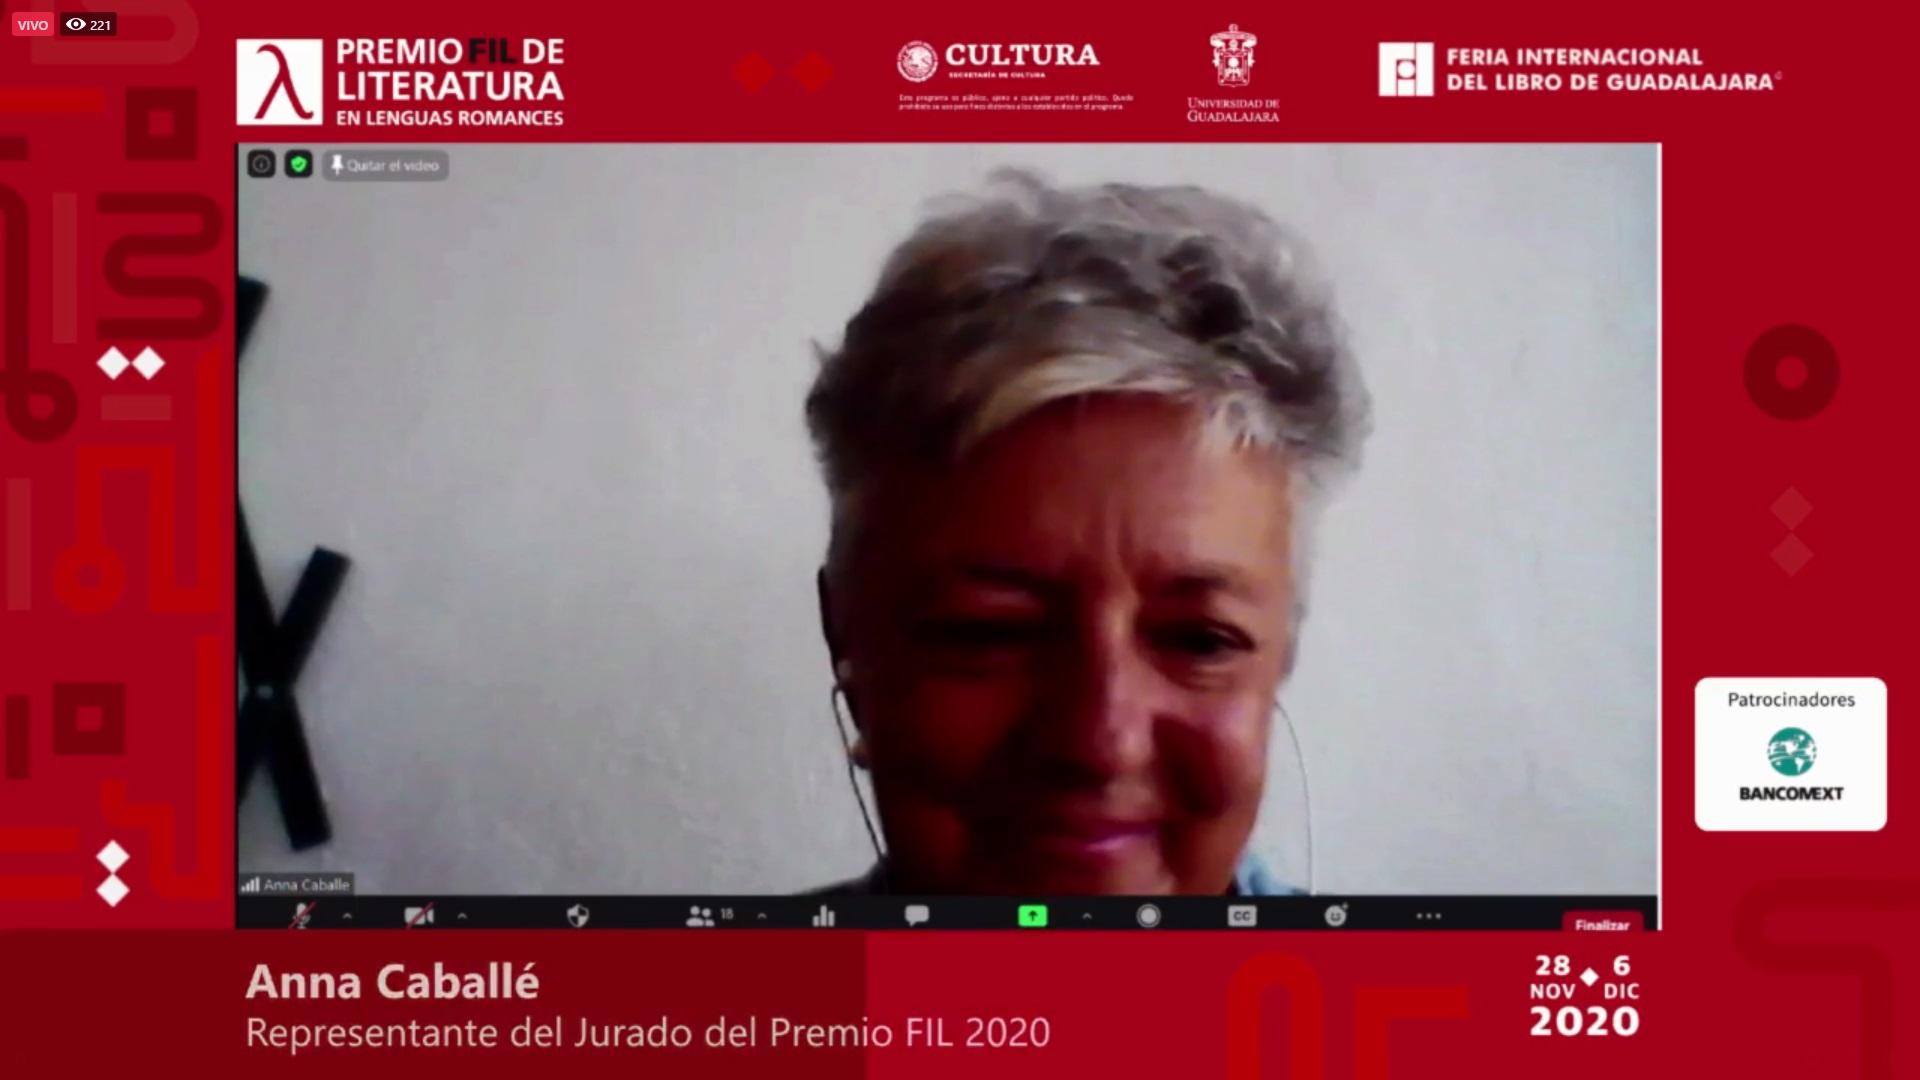 Anna Caballé, en su calidad de representante del Jurado del Premio FIL 2020